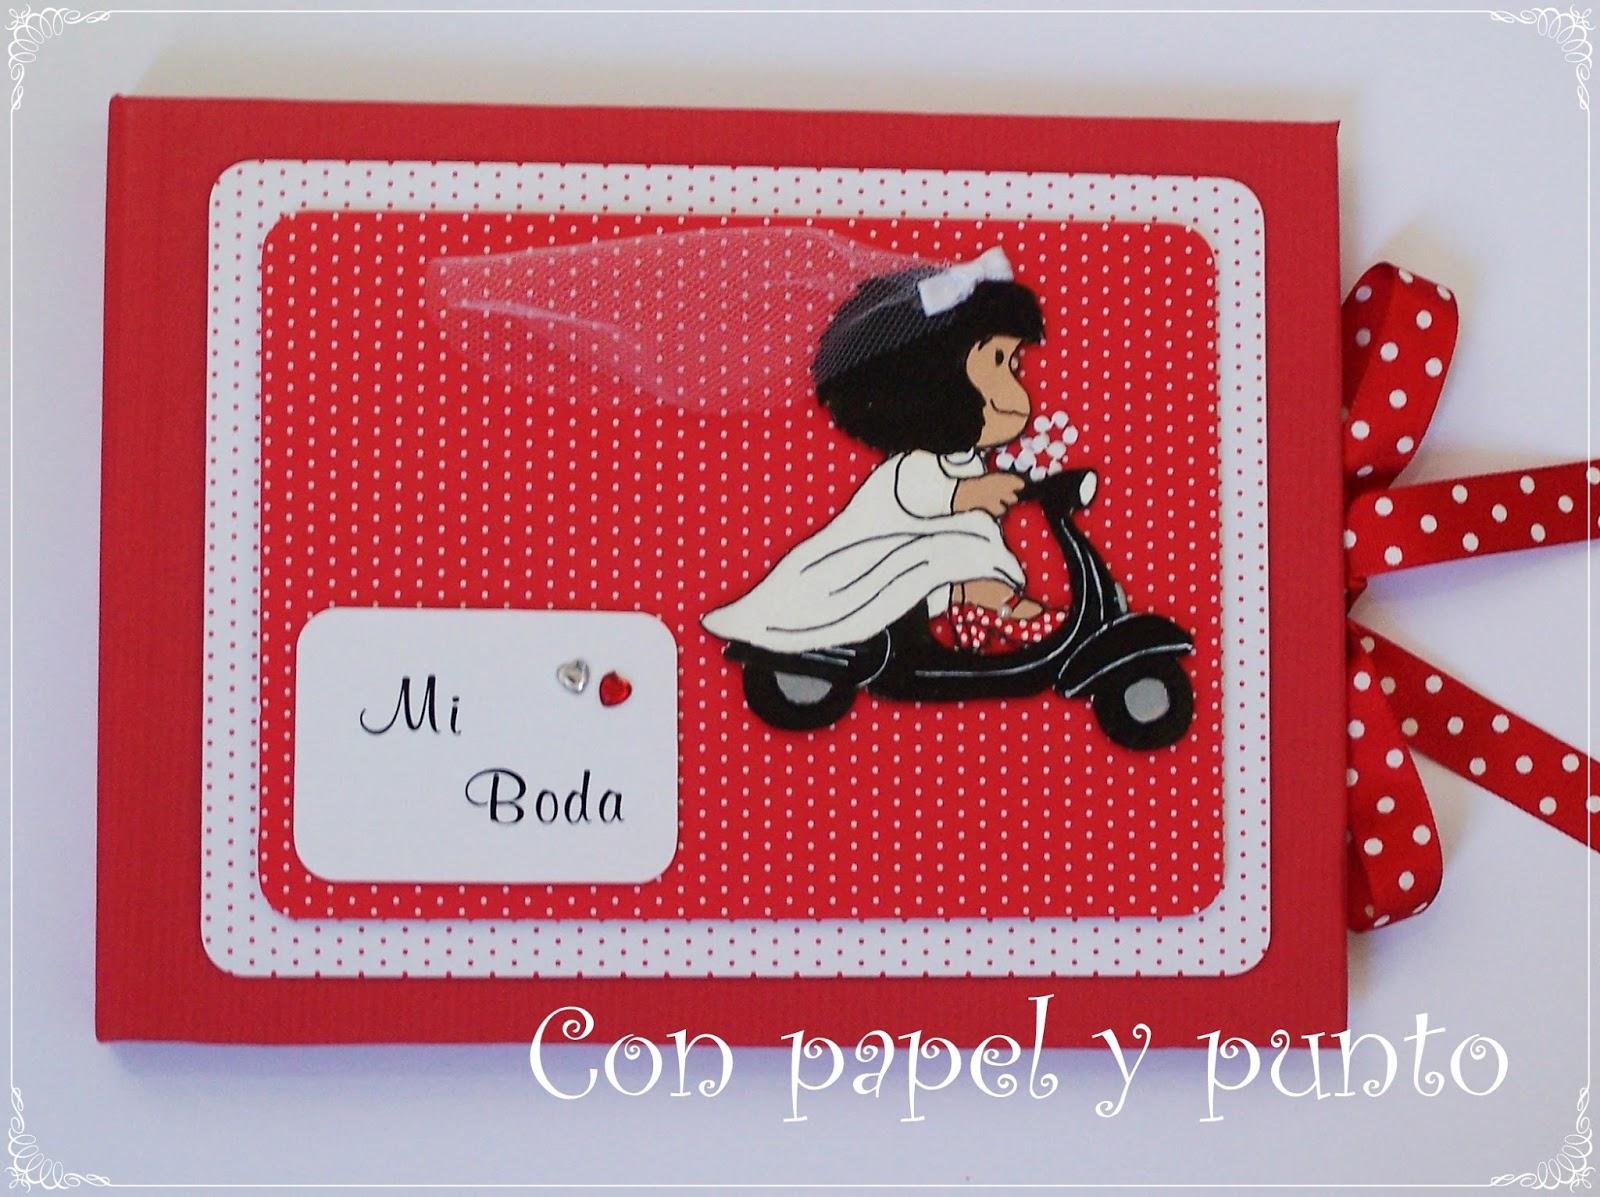 Con Papel y Punto: ¡Mafalda se va de Boda!